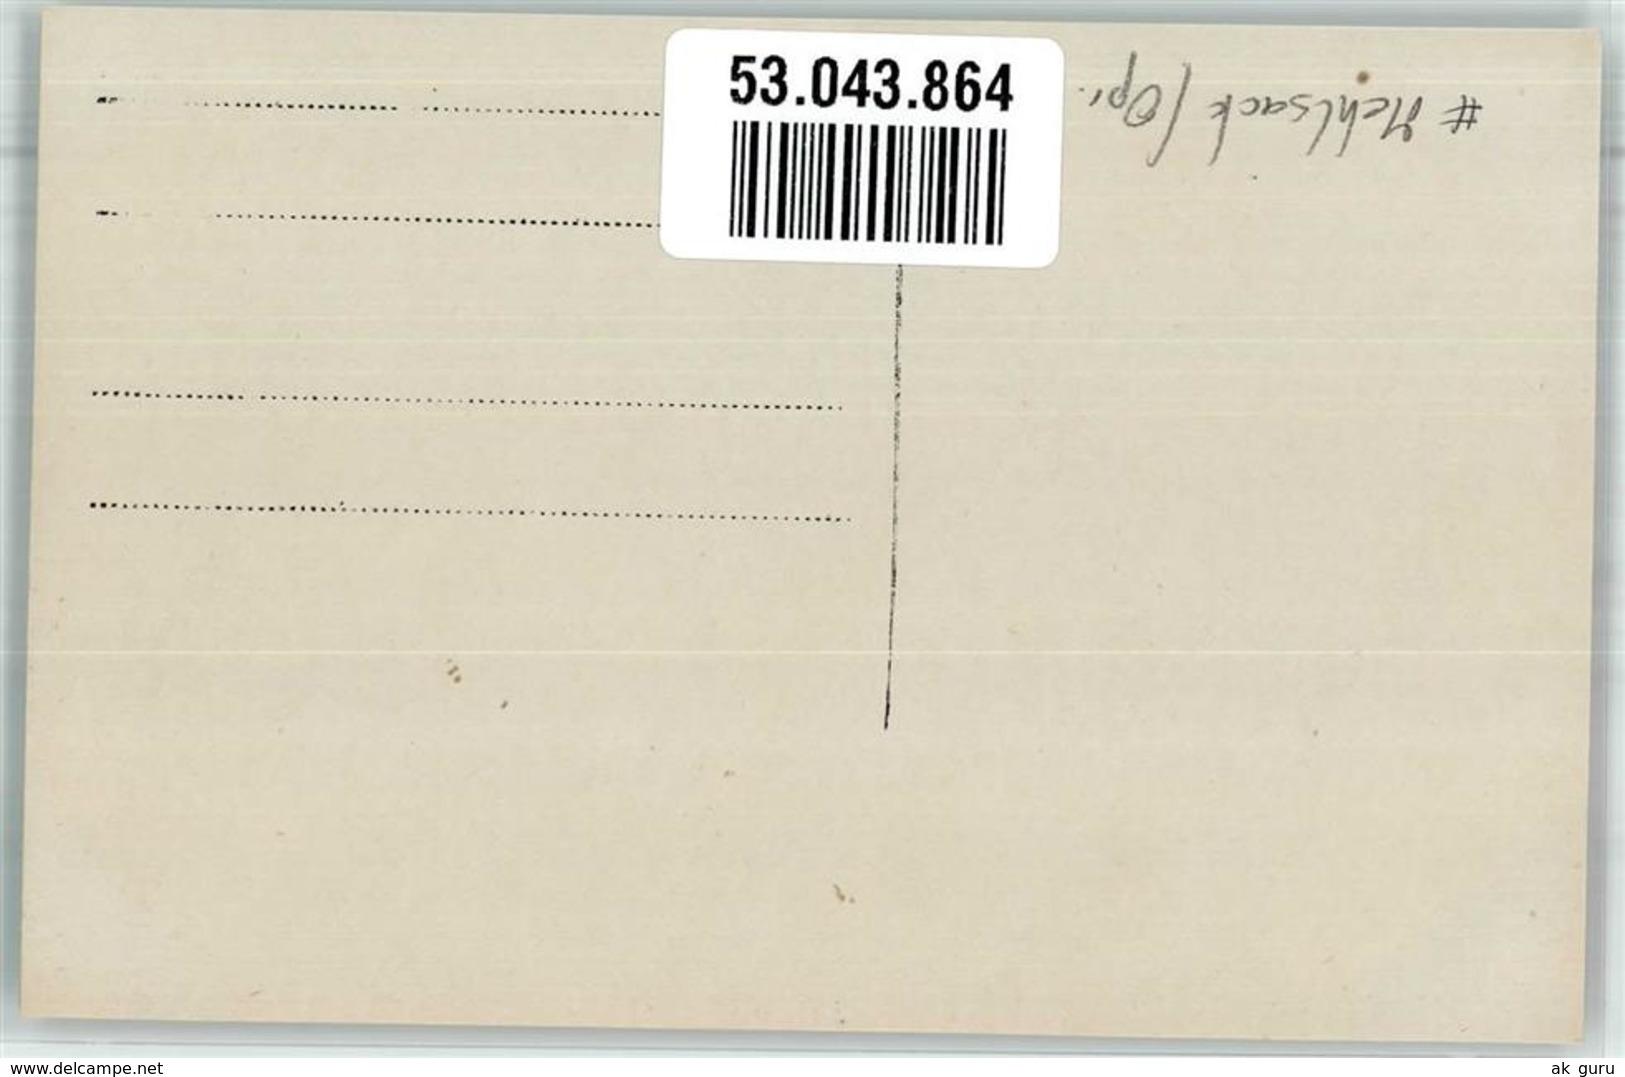 53043864 - Mehlsack Pieniezno - Ostpreussen